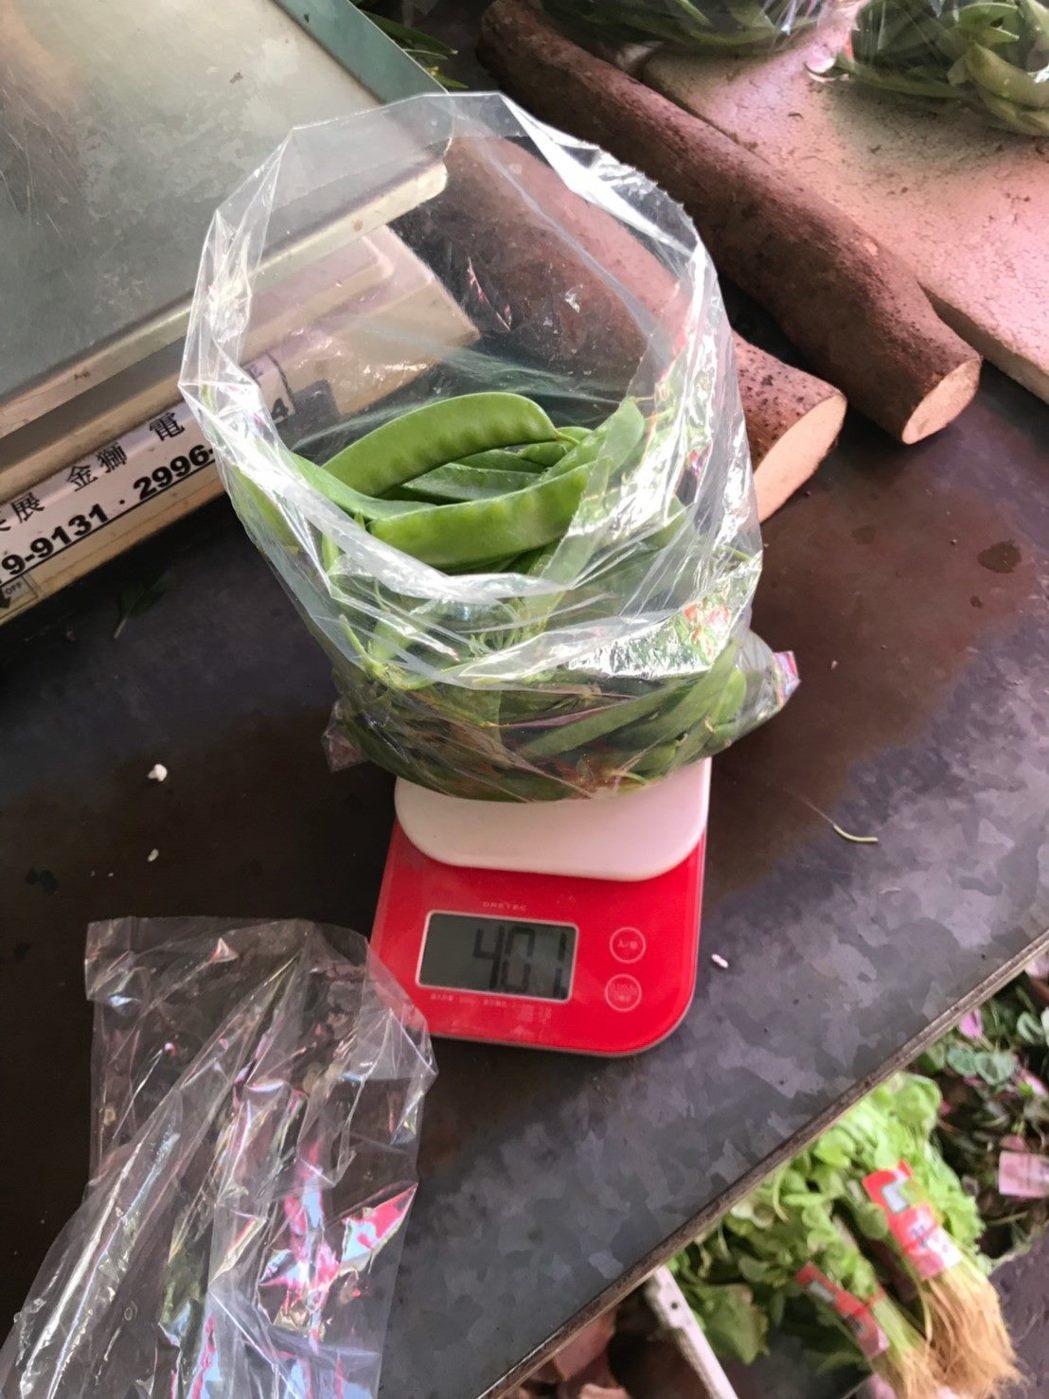 豌豆1件檢出2項殘留農藥不符規定。圖/北市衛生局提供